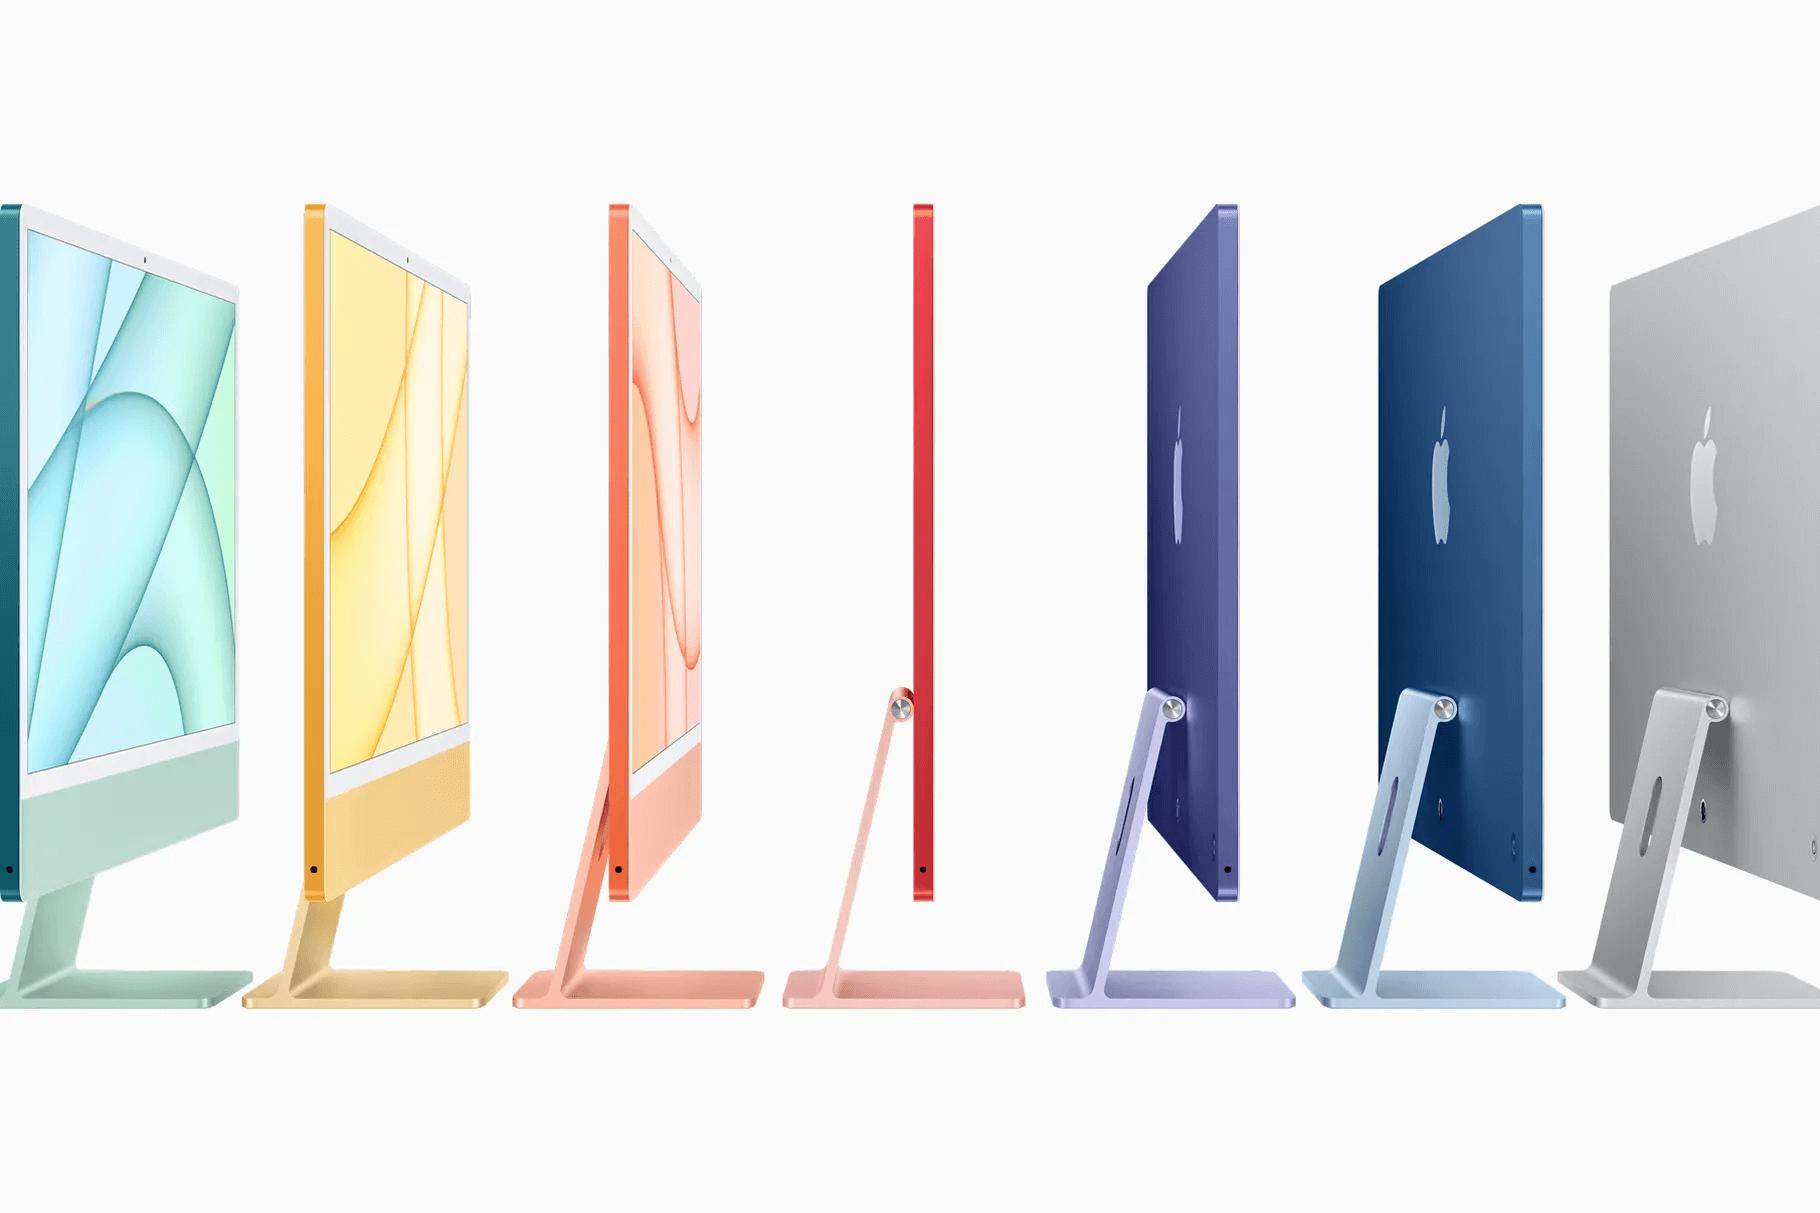 Представлен iMac 2021 — с экраном 24 дюйма и совершенно новым дизайном